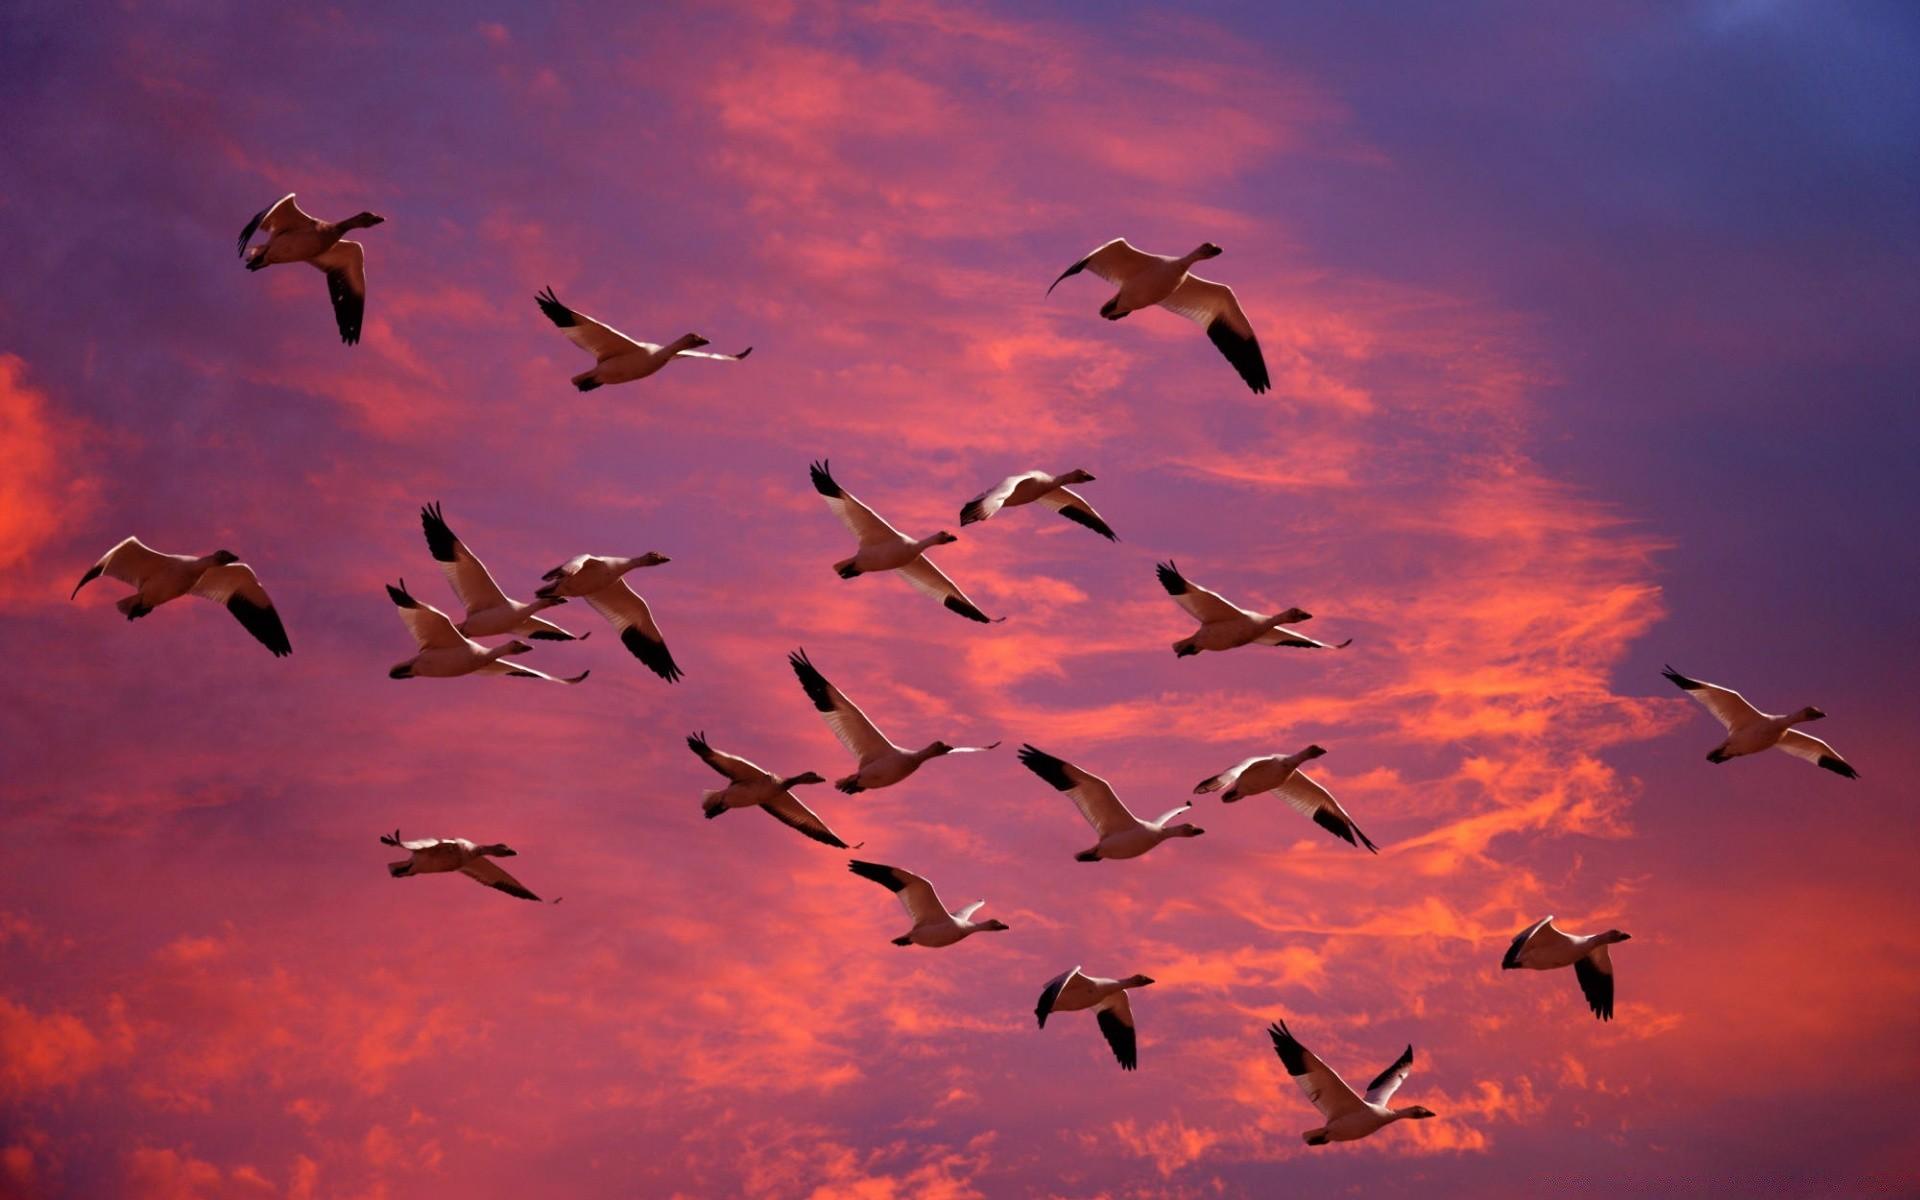 нужно для картинки осень стаи птиц вертикальные рисуете прозрачные